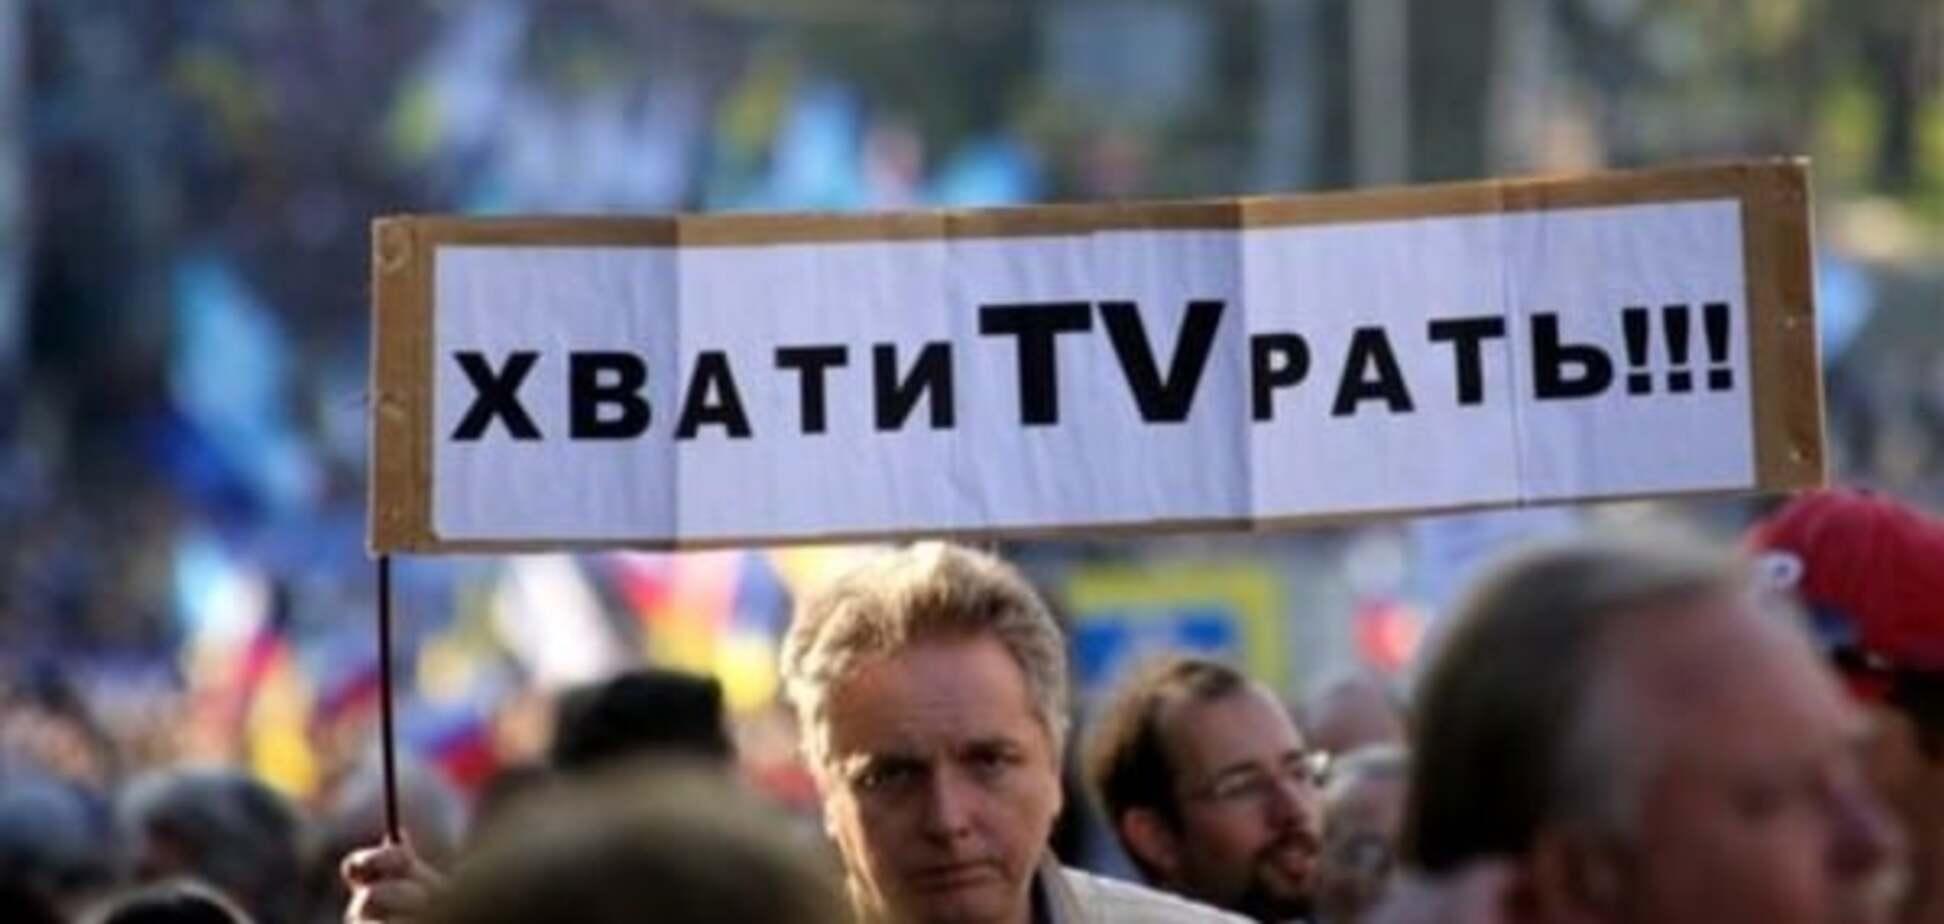 Новий фейк Кремля: в Нідерландах покажуть серіал про корупцію Єврокомісії та українців